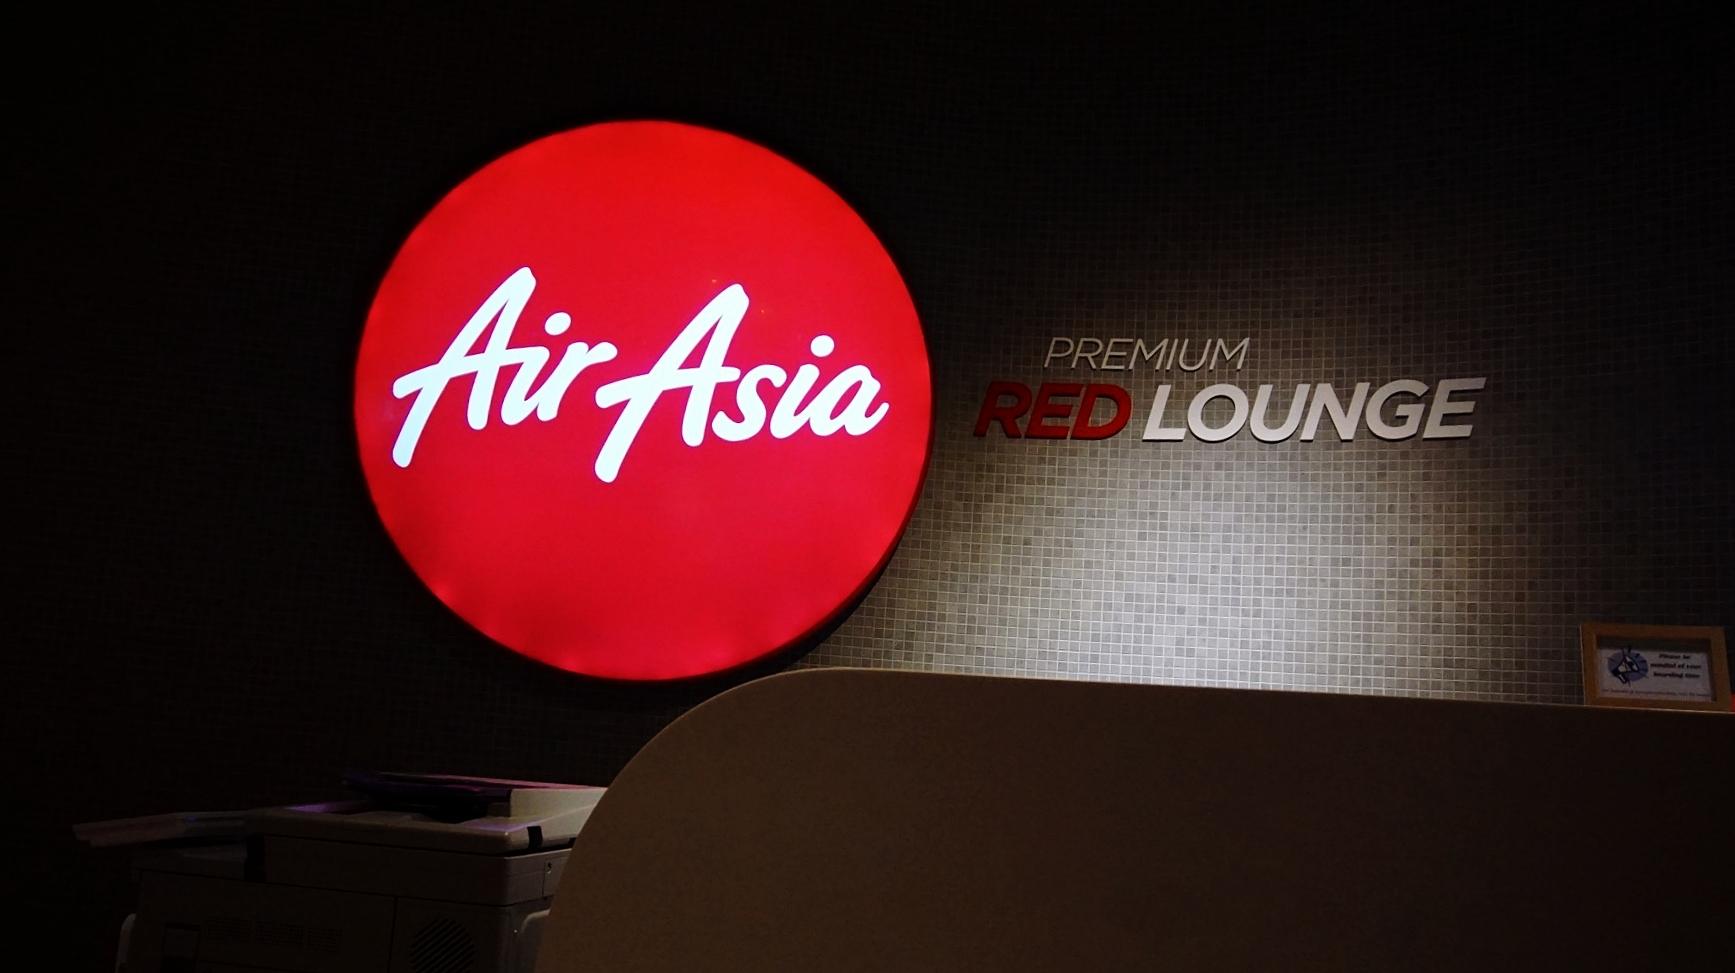 AirAsia Red Lounge KLIA2